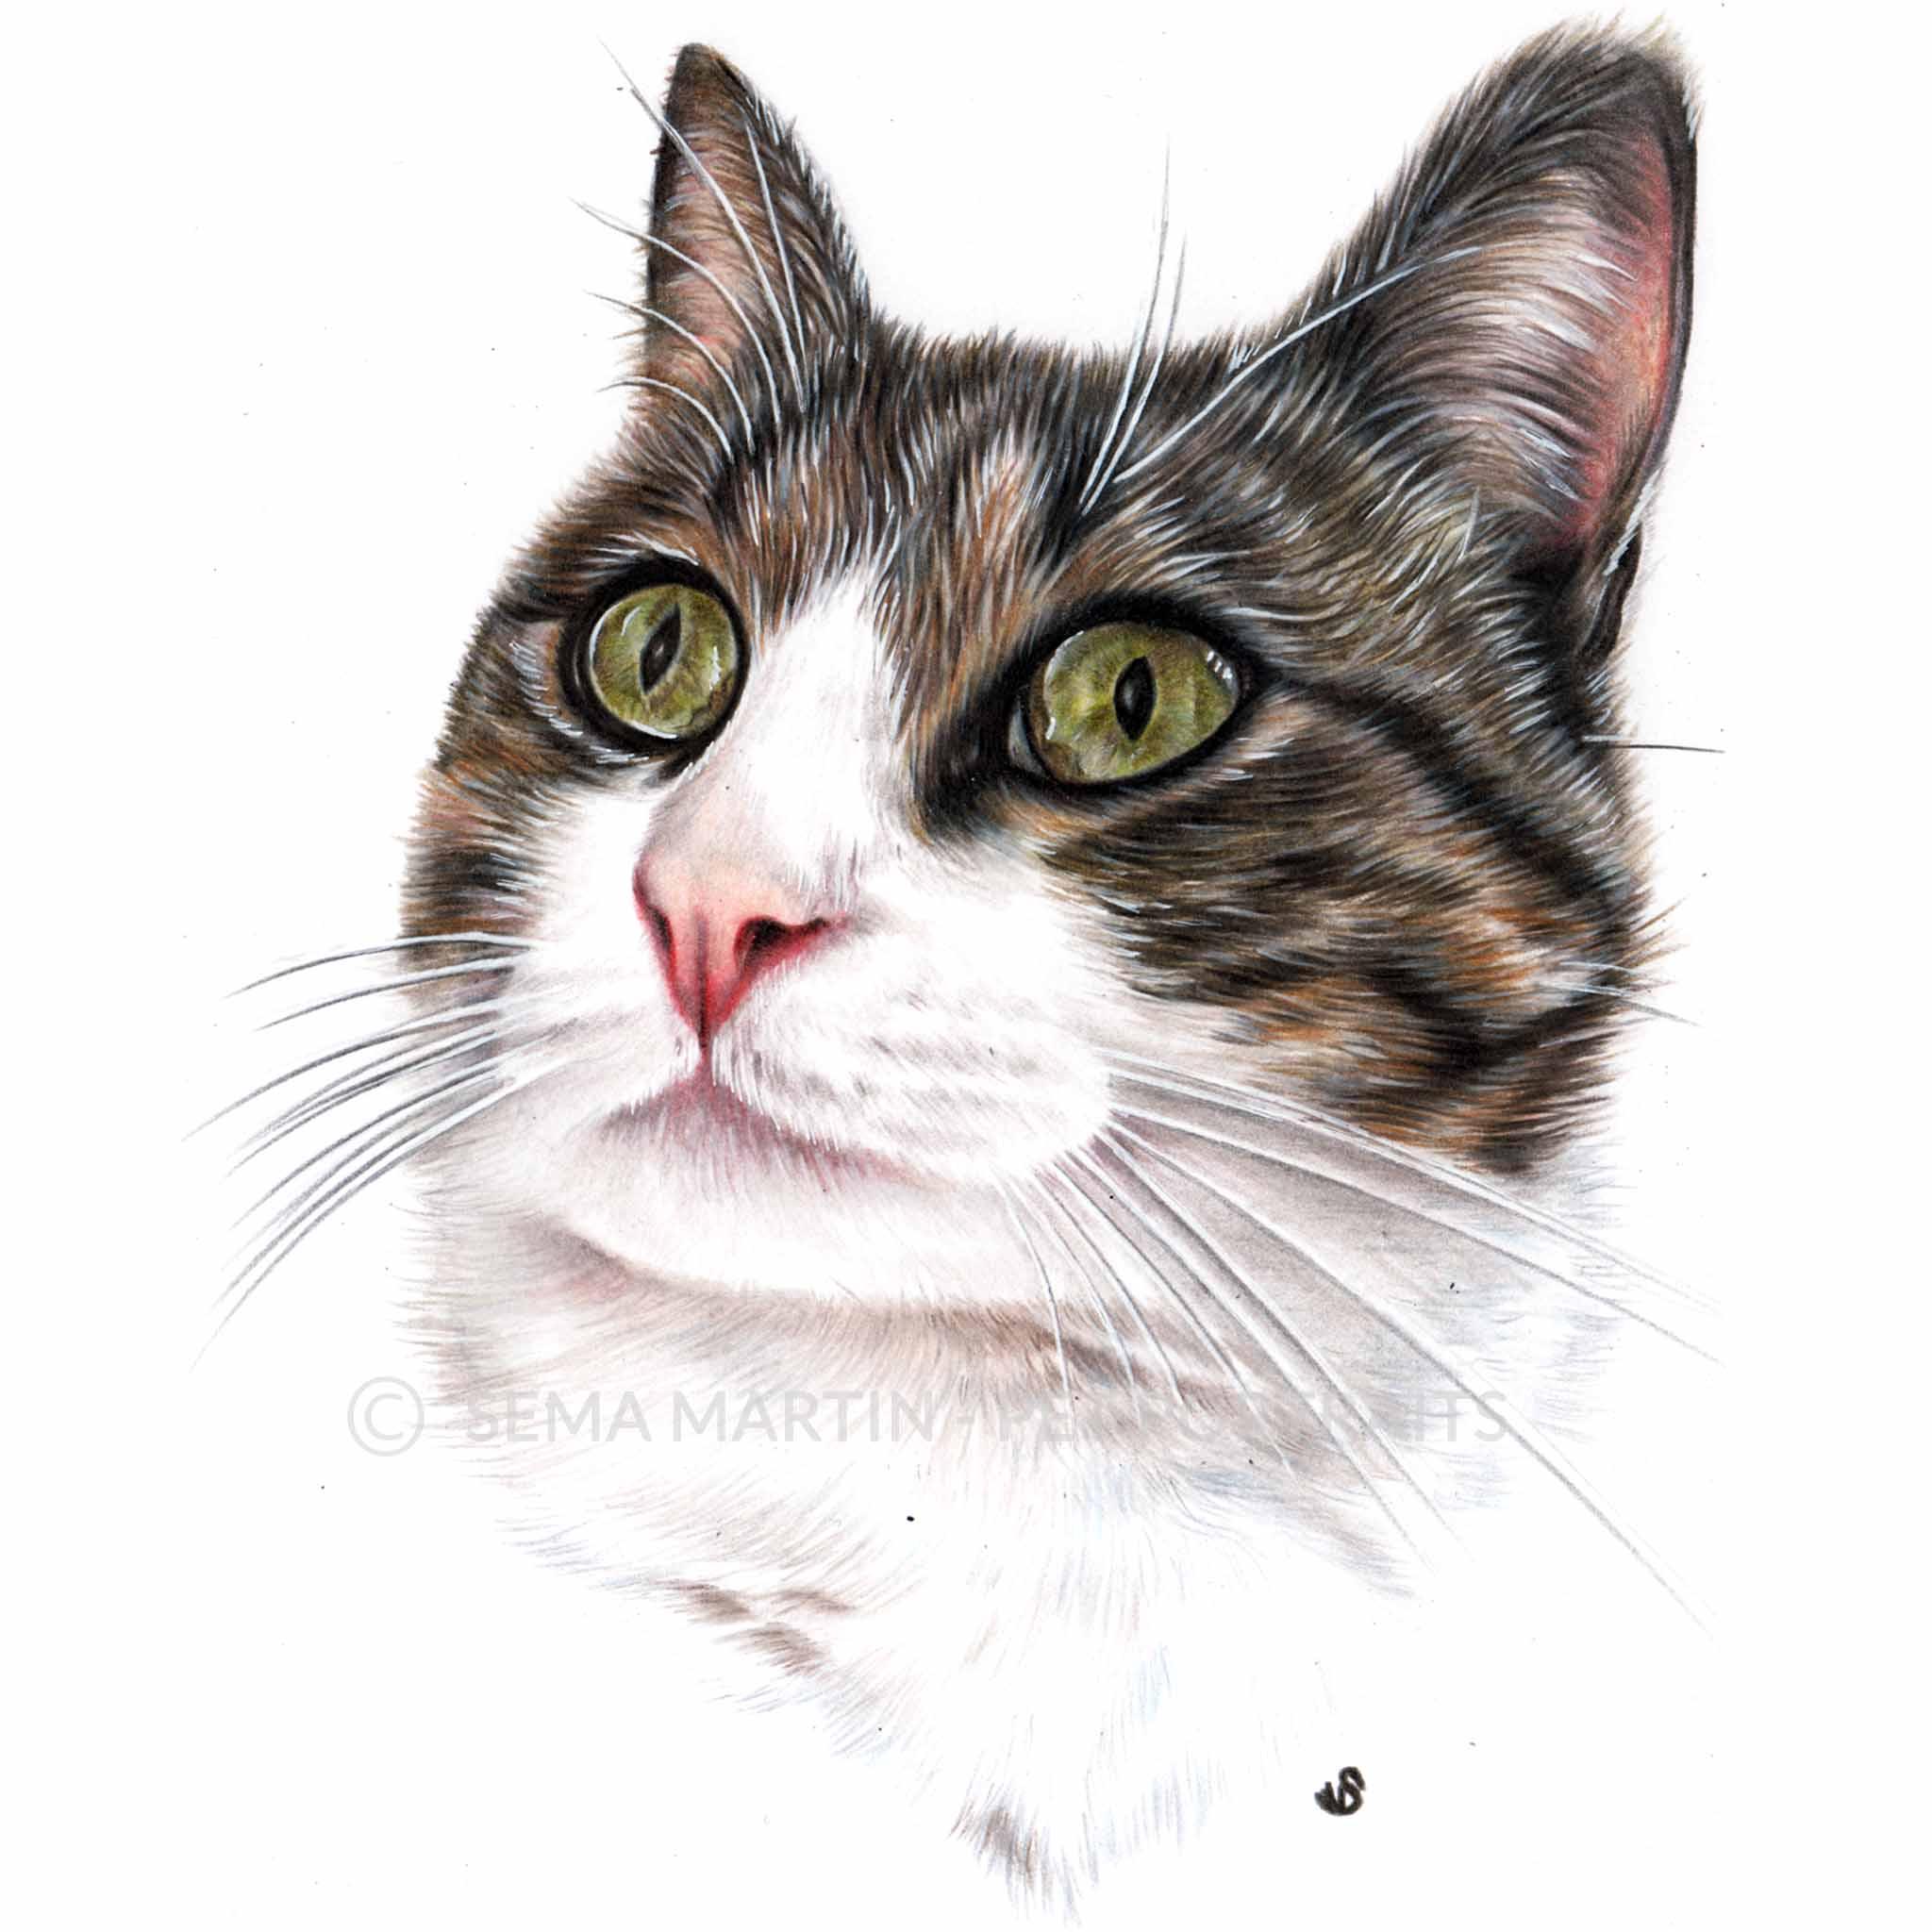 'Jessica' - SPA, 5.8 x 8.3 inches, 2018, Colour Pencil Cat Portrait by Sema Martin